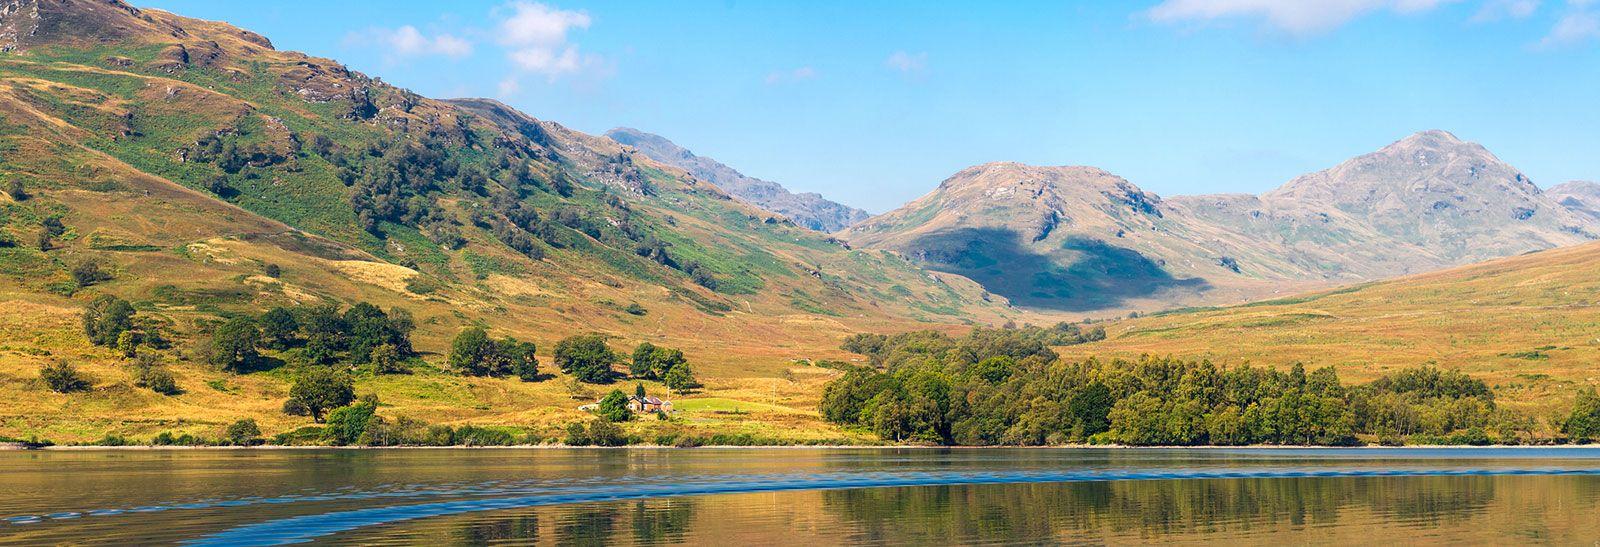 Loch Katrine banner image